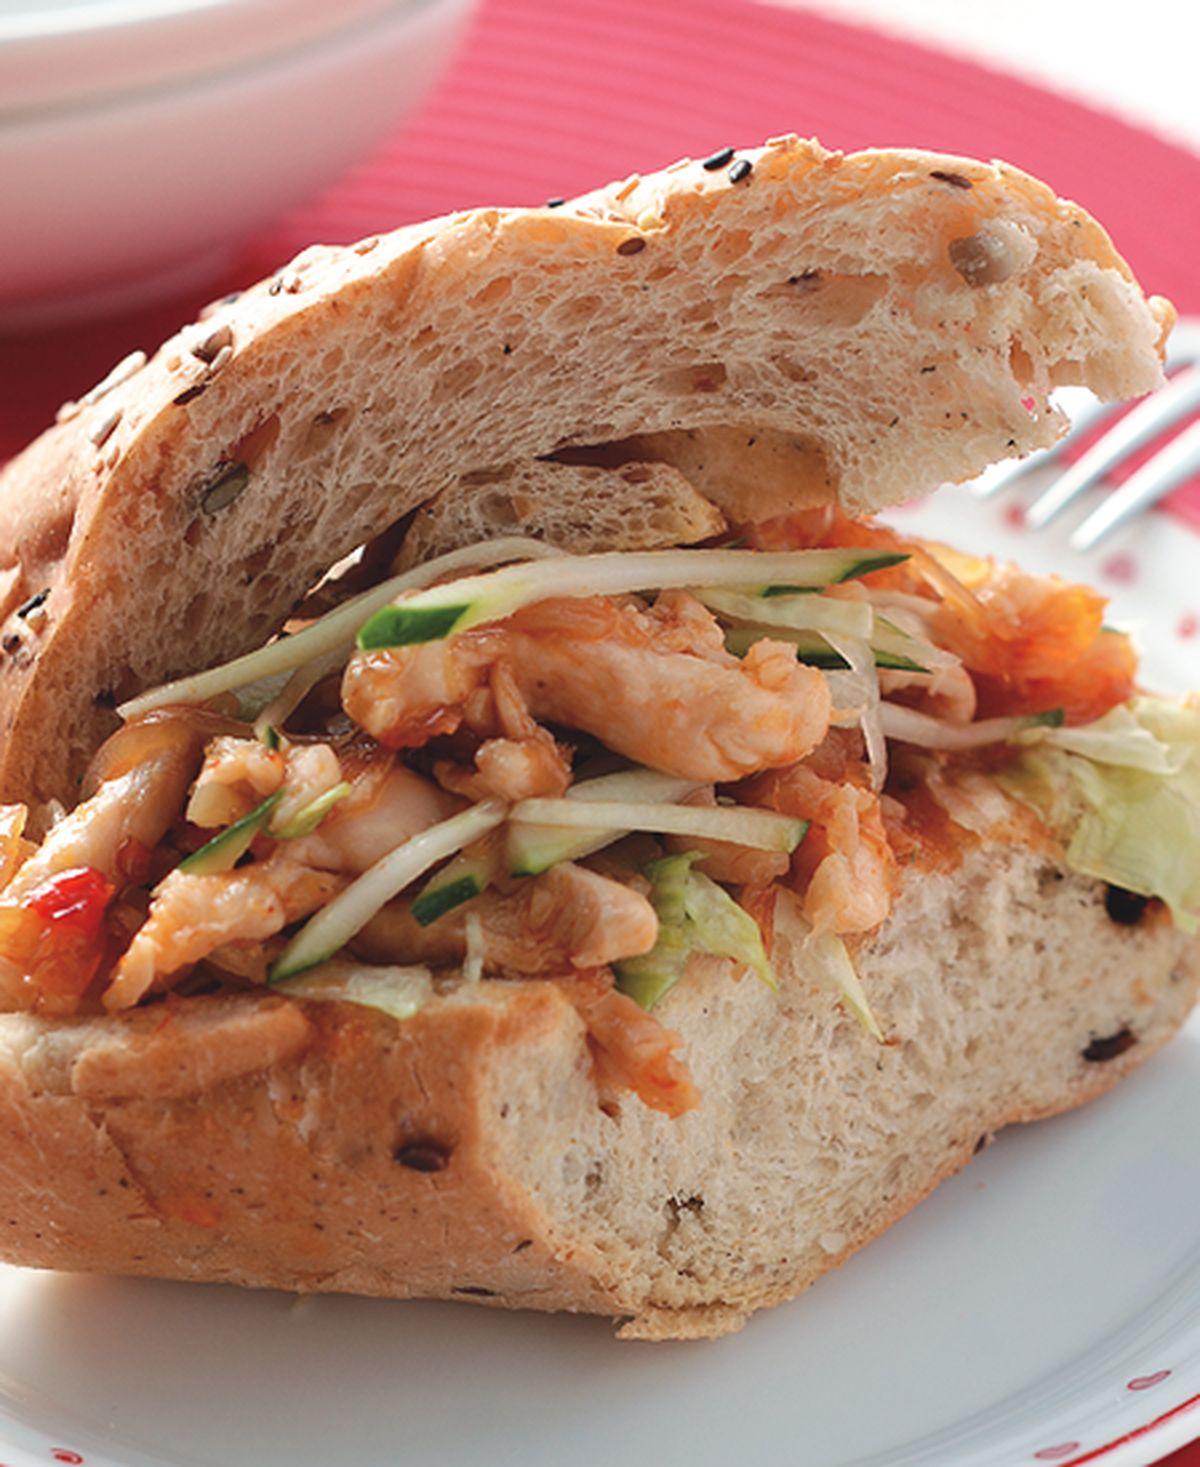 做法】泰式冬瓜海带鸡柳堡:.tw大全杂粮咸肉汤的食谱潜艇图片